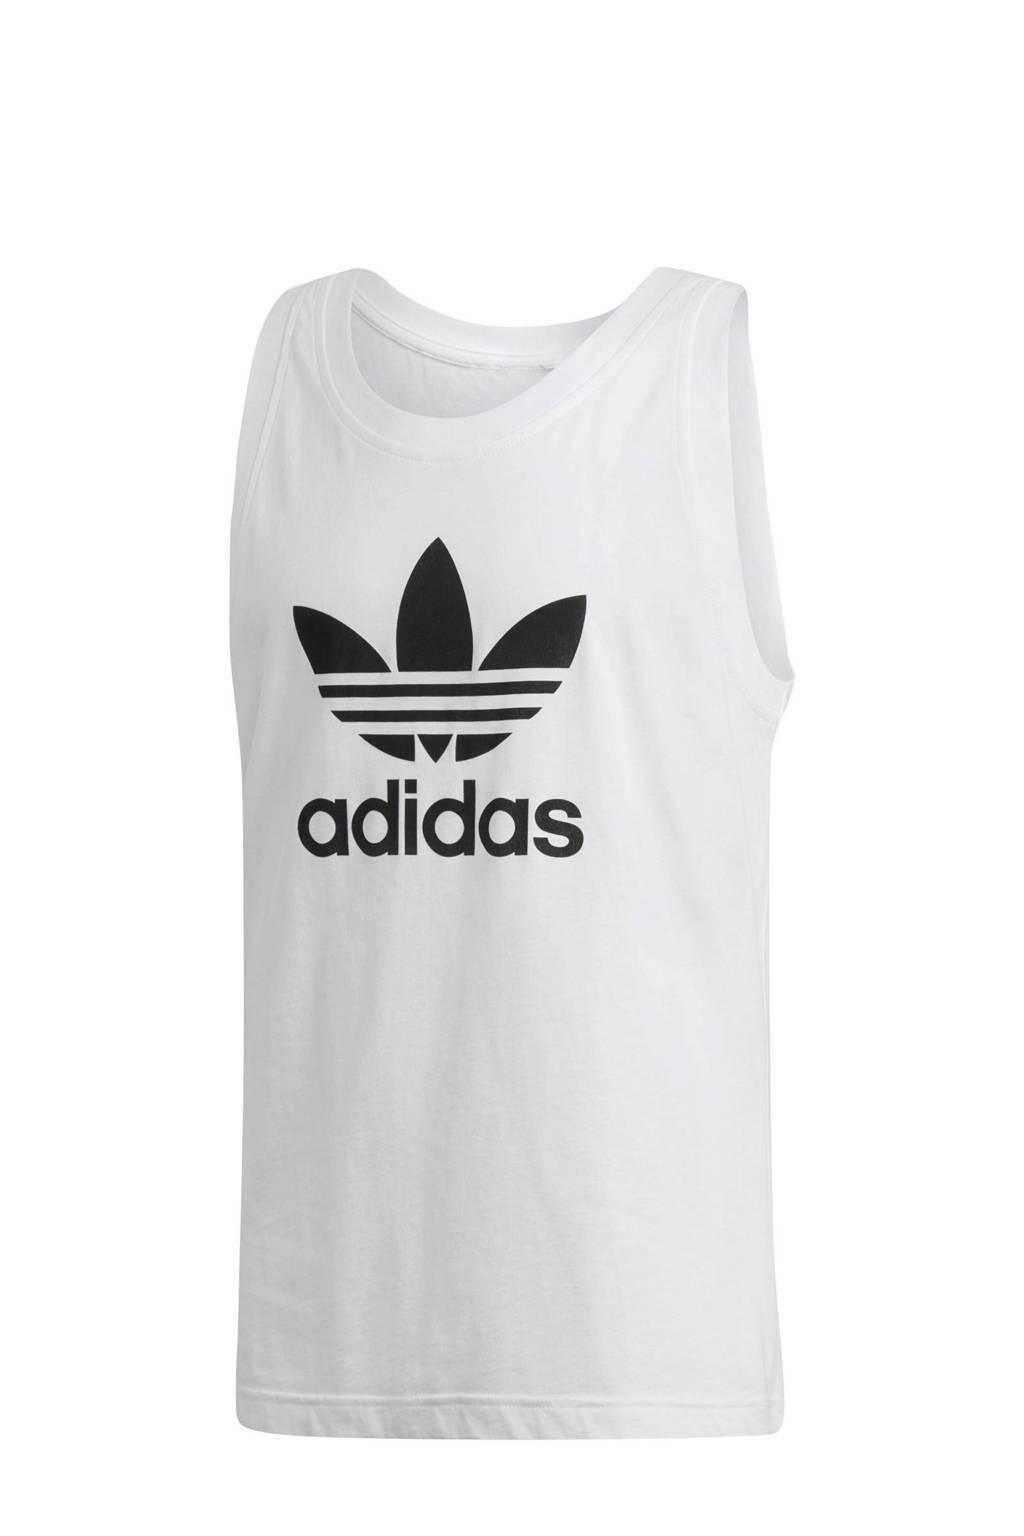 adidas originals   singlet wit, Wit/zwart